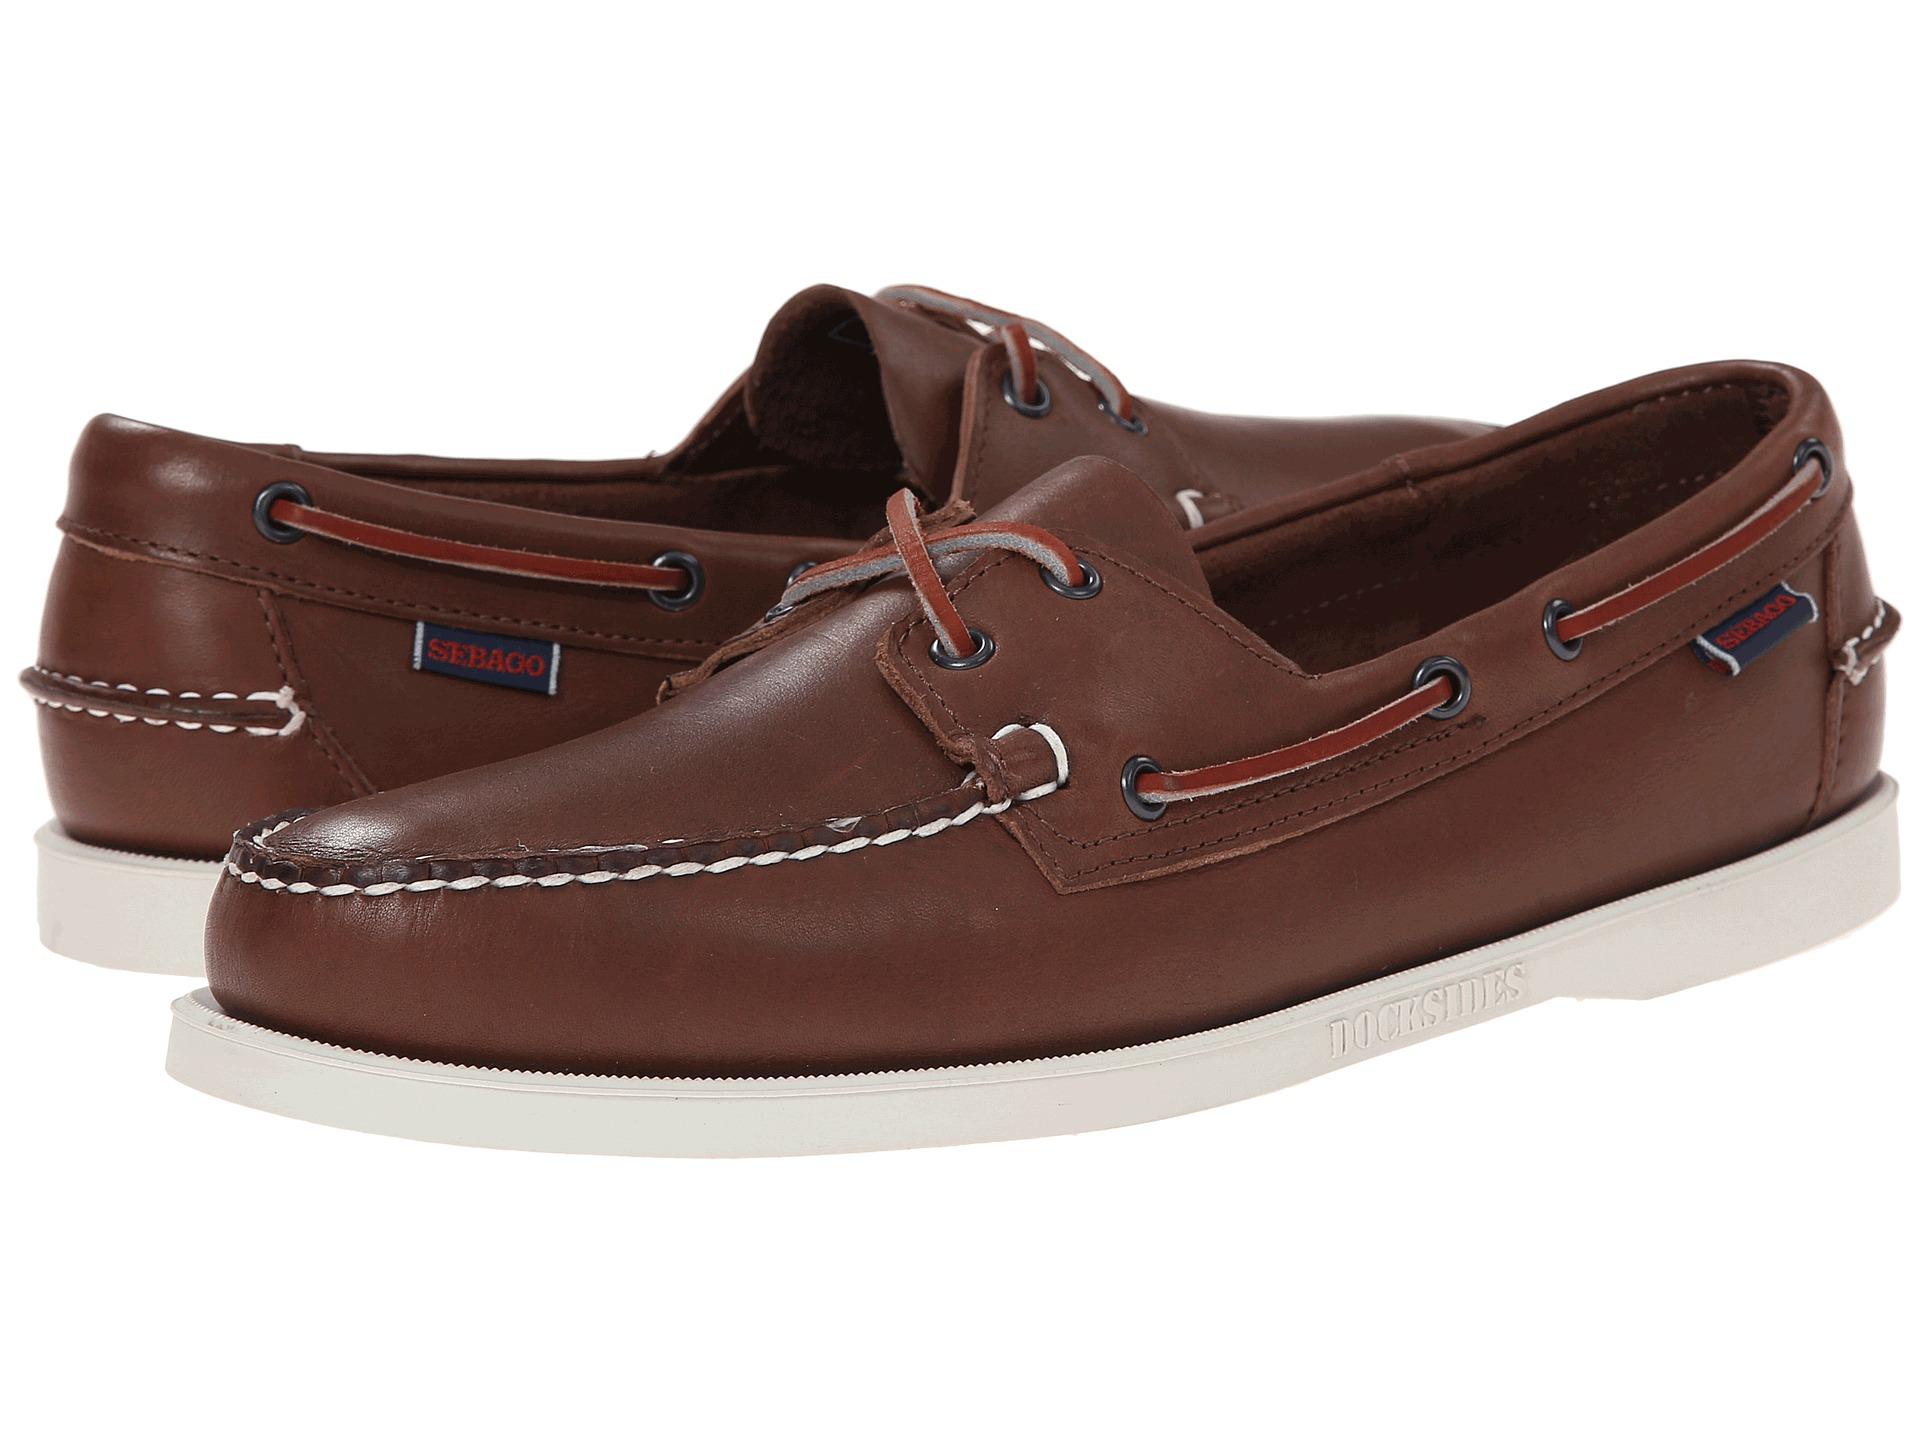 Sebago Men S Docksides Boat Shoes Brown